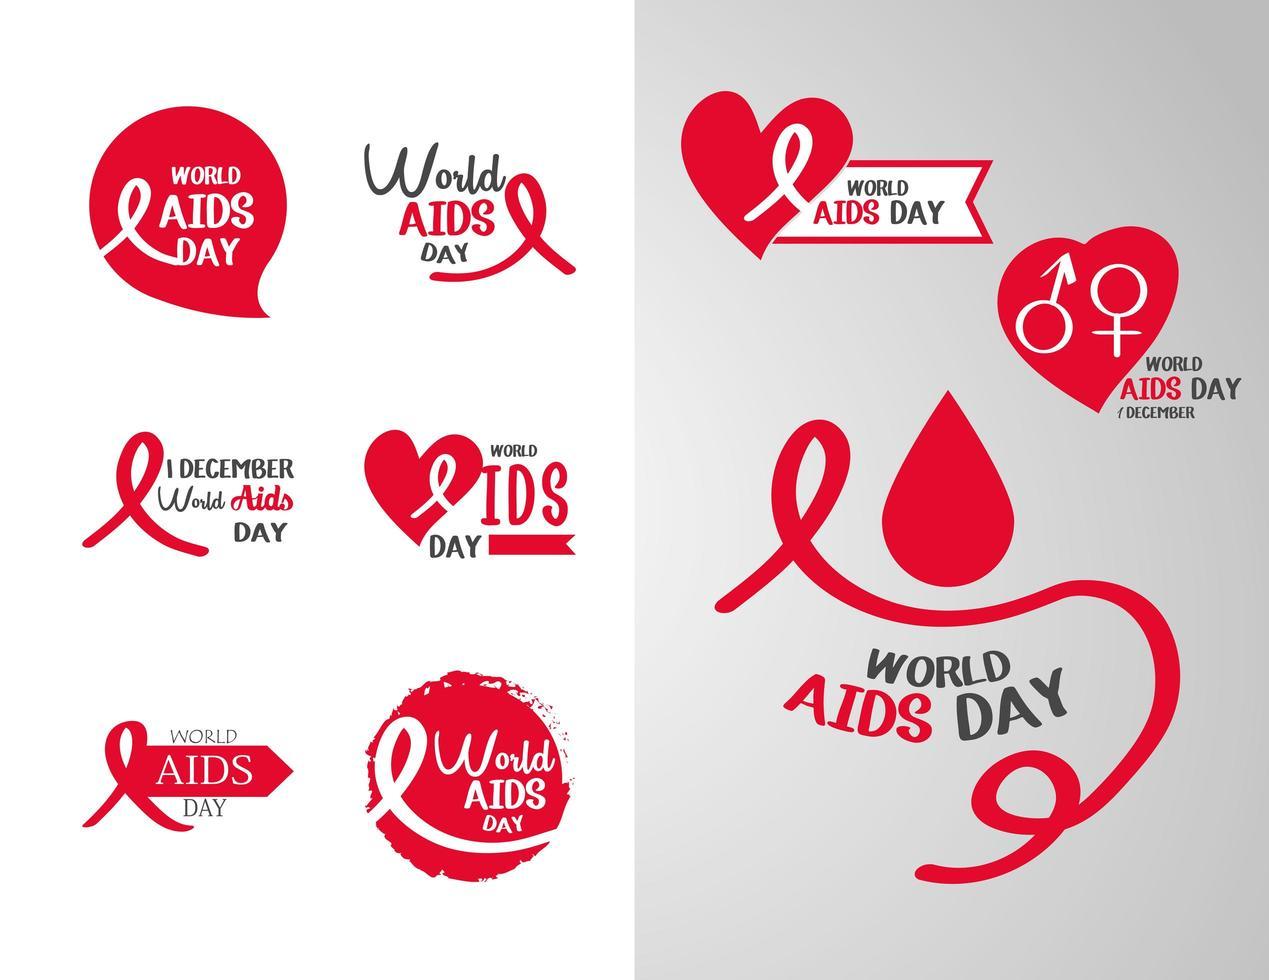 wereld aids dag bewustzijn icoon collectie vector